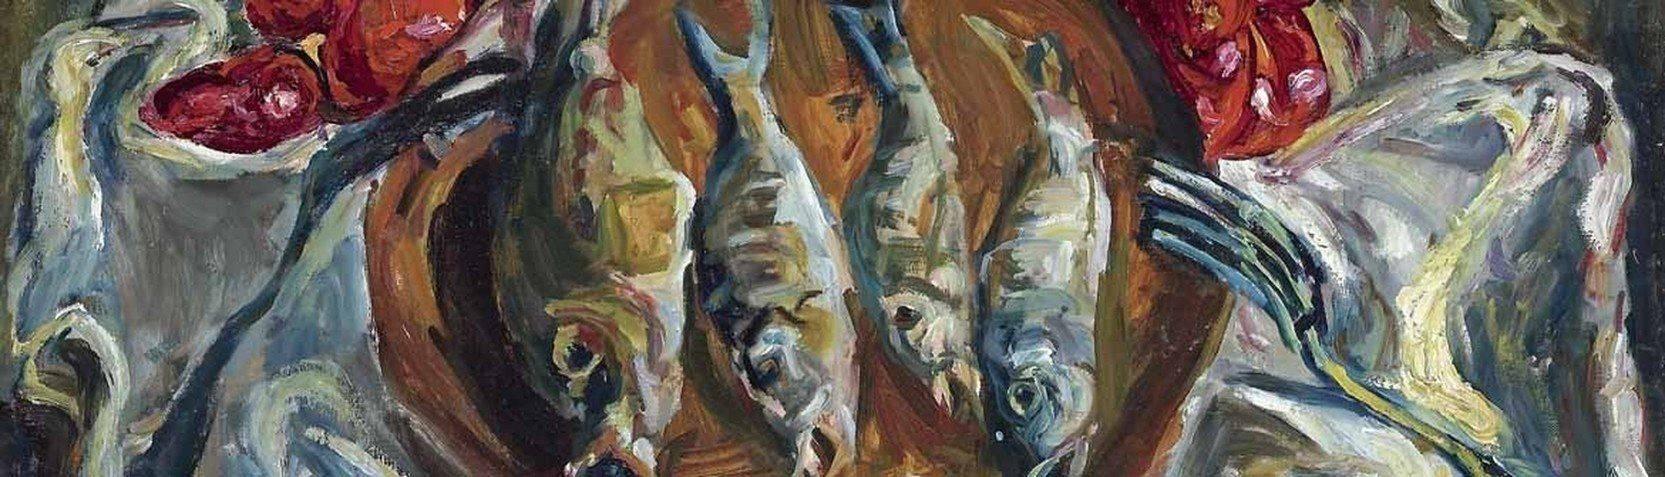 Artistes - Chaim Soutine